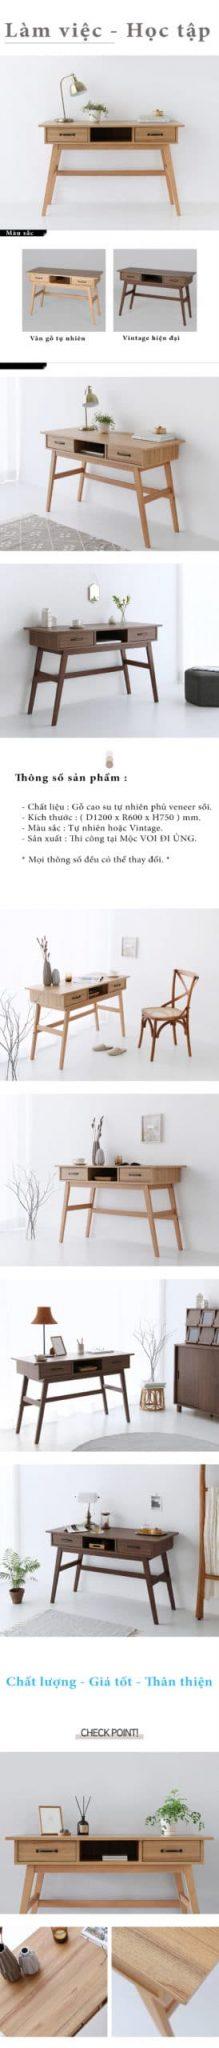 Bàn làm việc gỗ thiết kế phù hợp với mọi lứa tuổi.